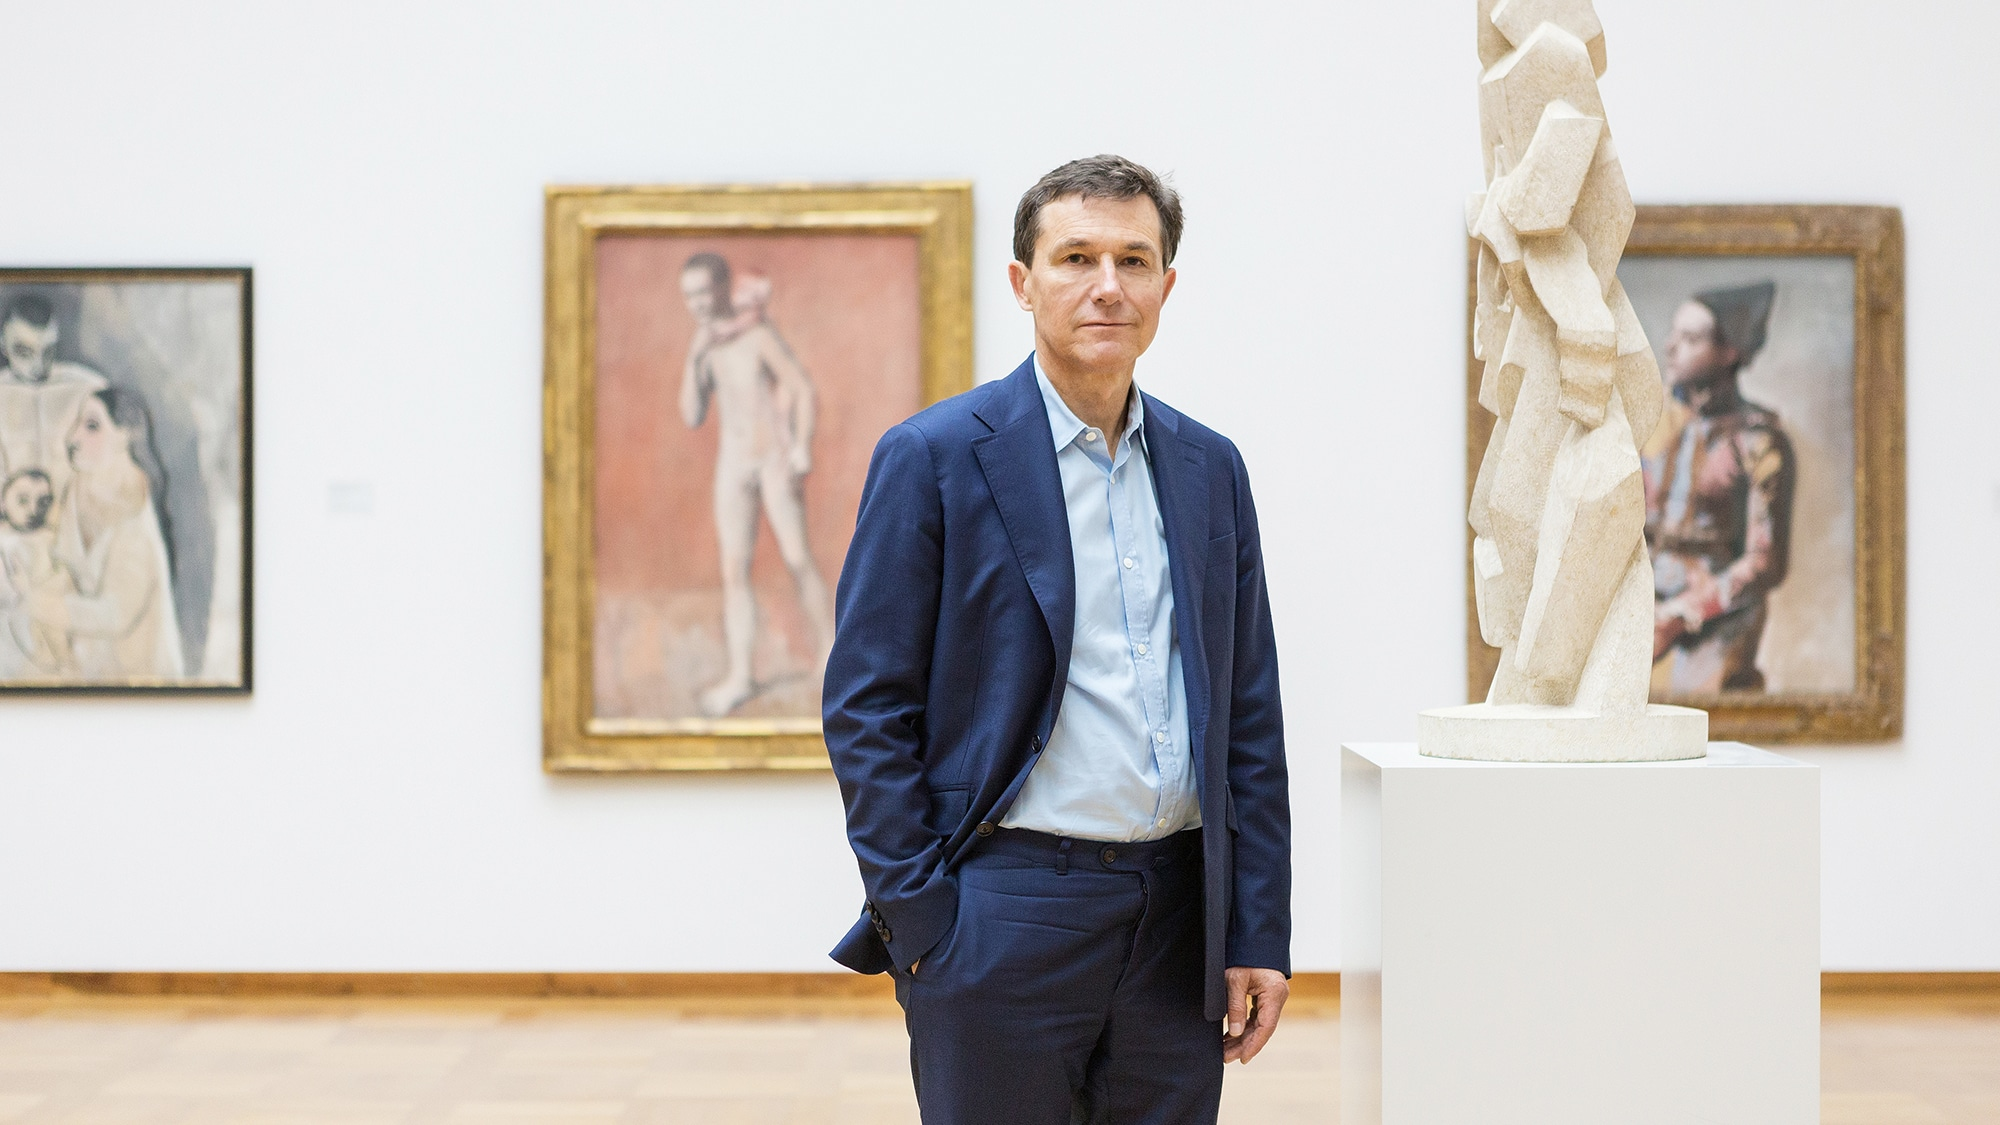 Kunstmuseumsdirektor Josef Helfenstein will keinen seelenlosen Blockbuster-Tempel für Kunsttouristen. Vielmehr soll die Basl